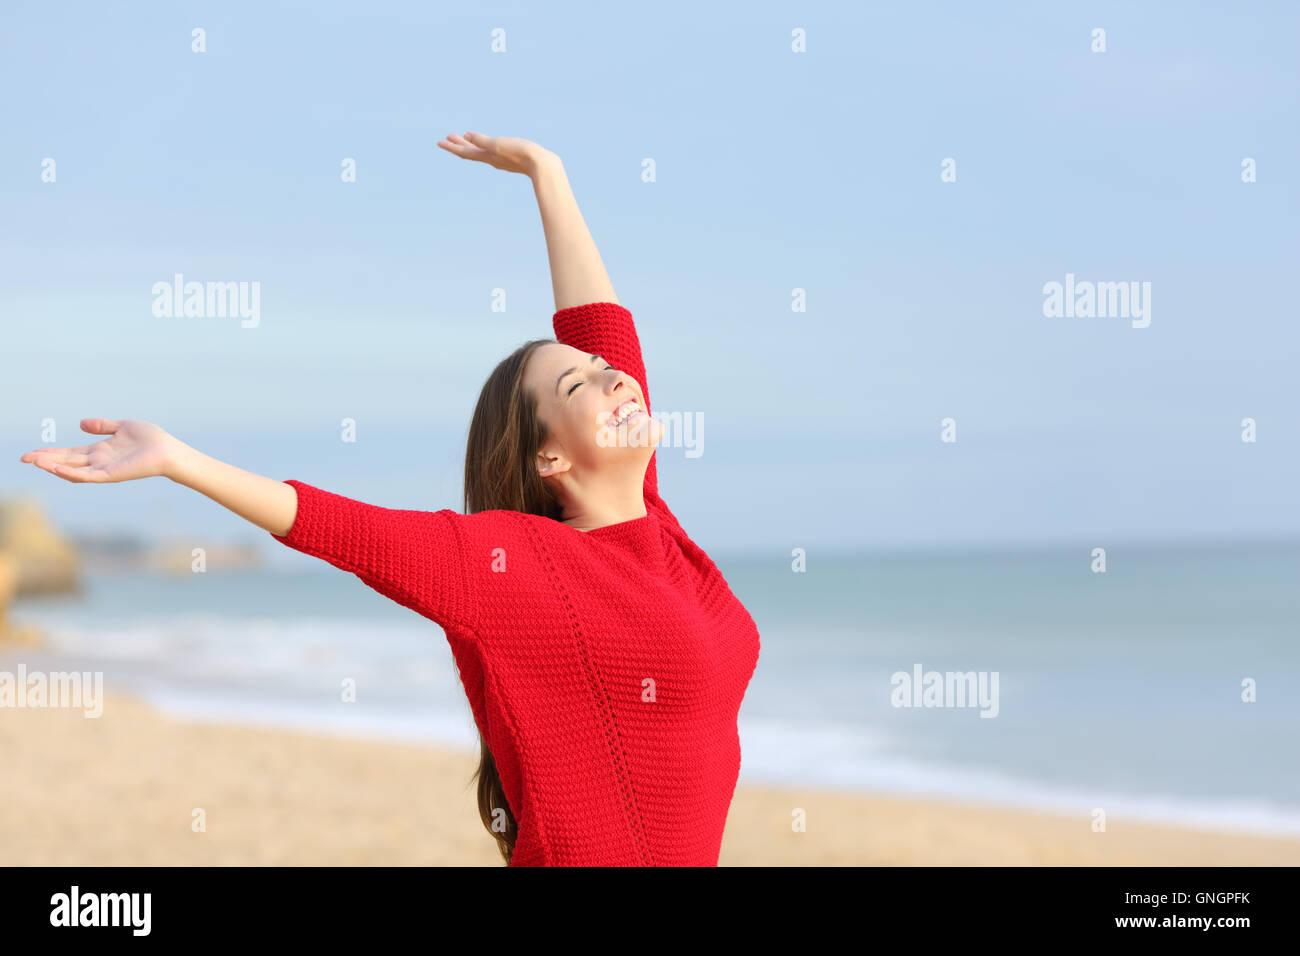 Portrait d'une femme joyeuse heureux excité et raising arms portant un chandail rouge à la plage dans un matin ensoleillé Banque D'Images